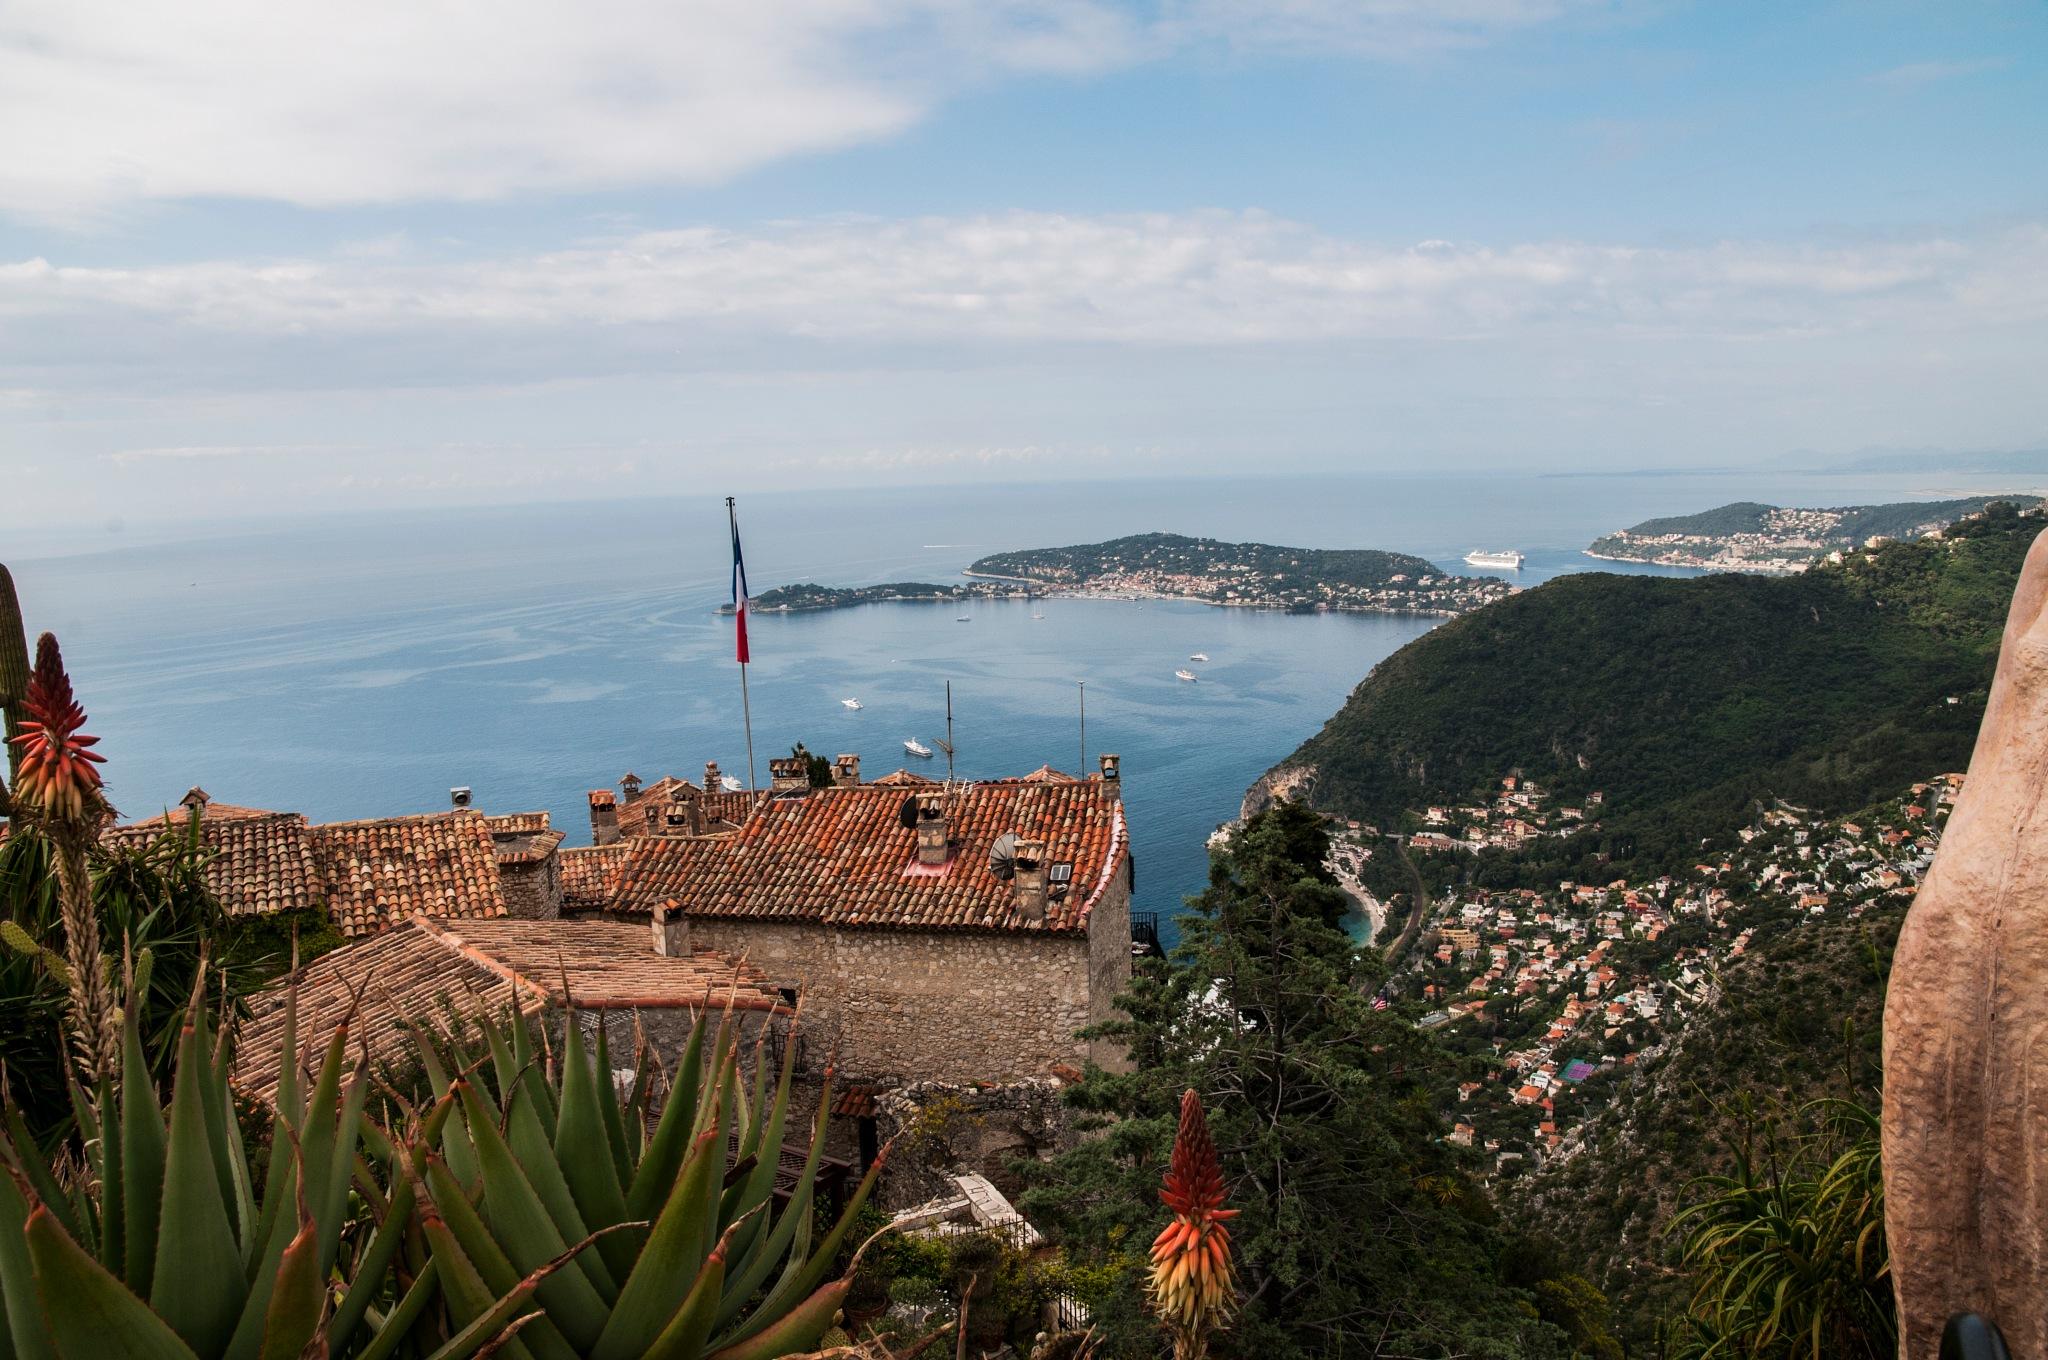 Cote D Azur by Jim Hellier